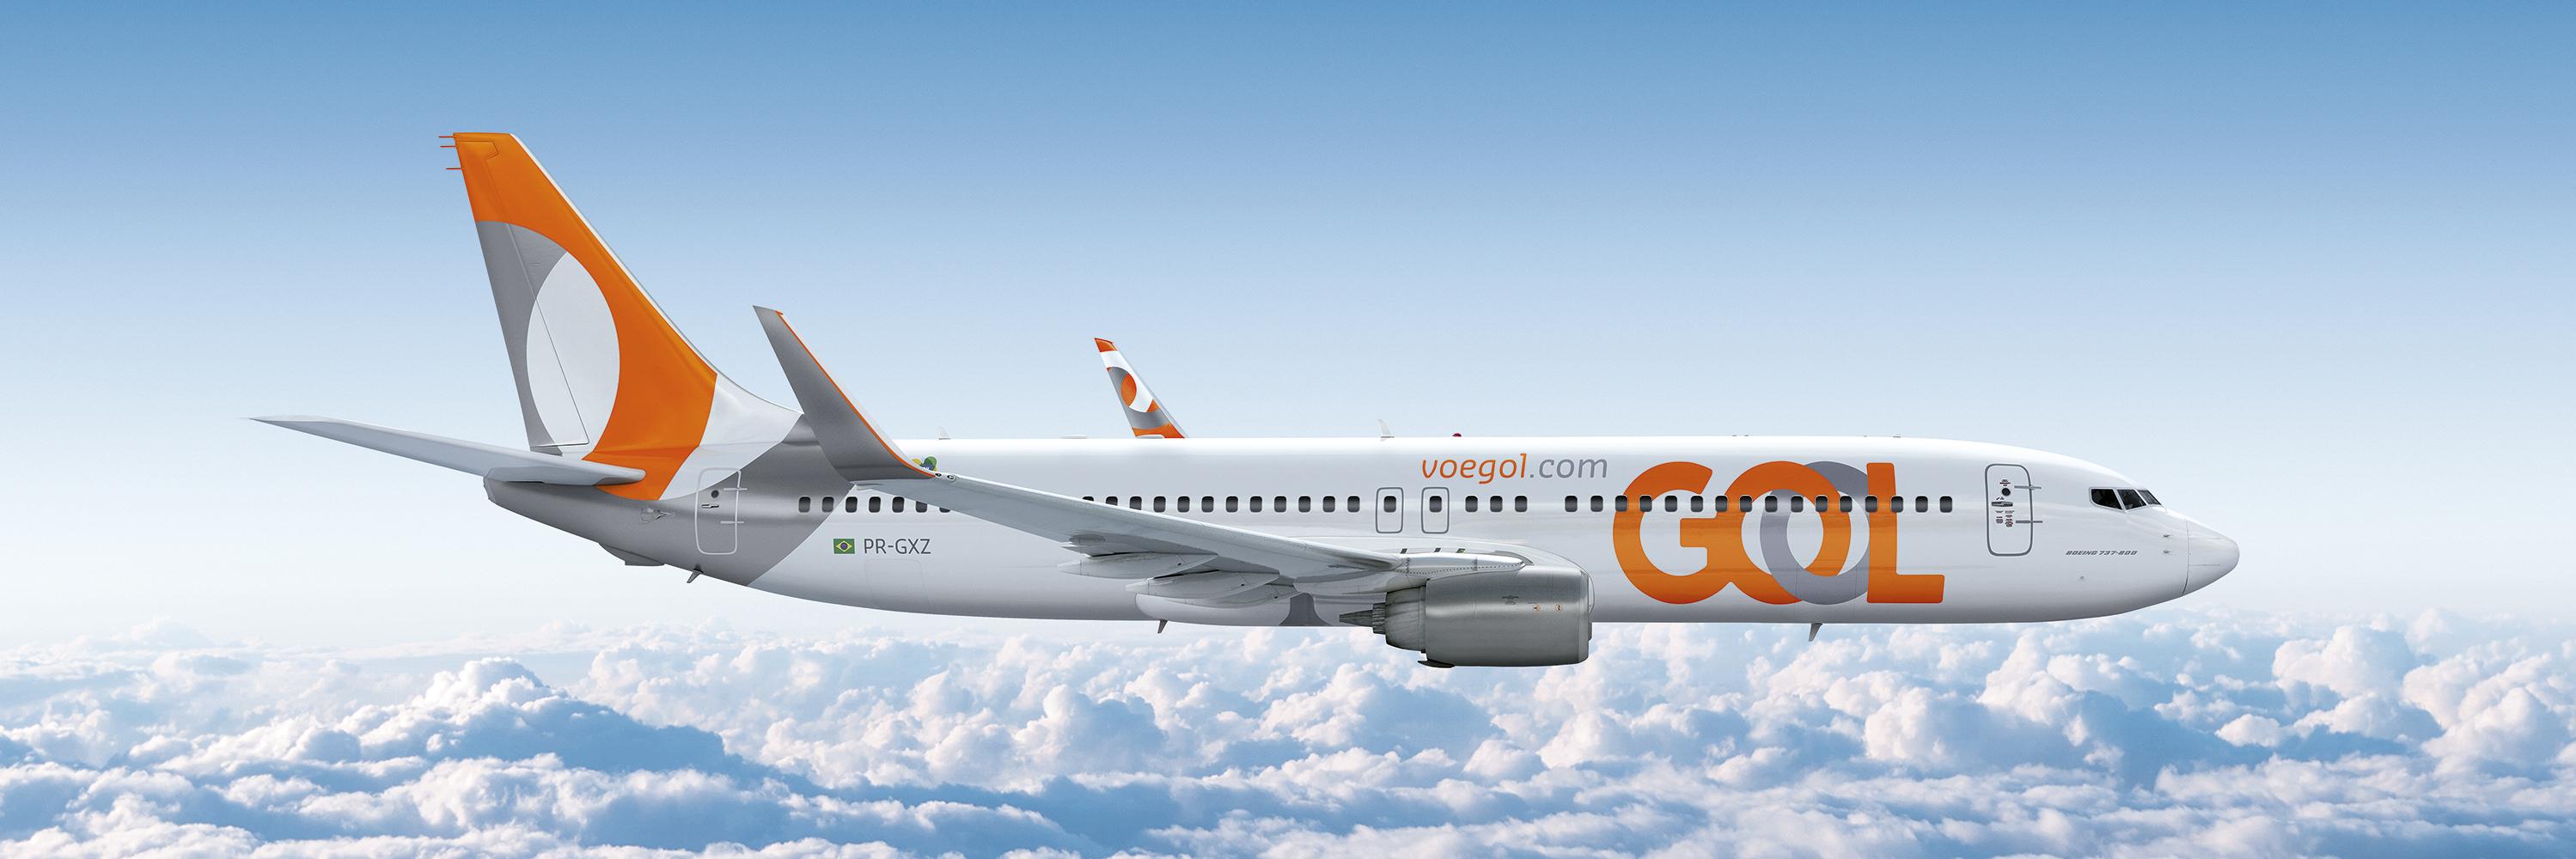 Gol - companhia aérea oficial do TDC